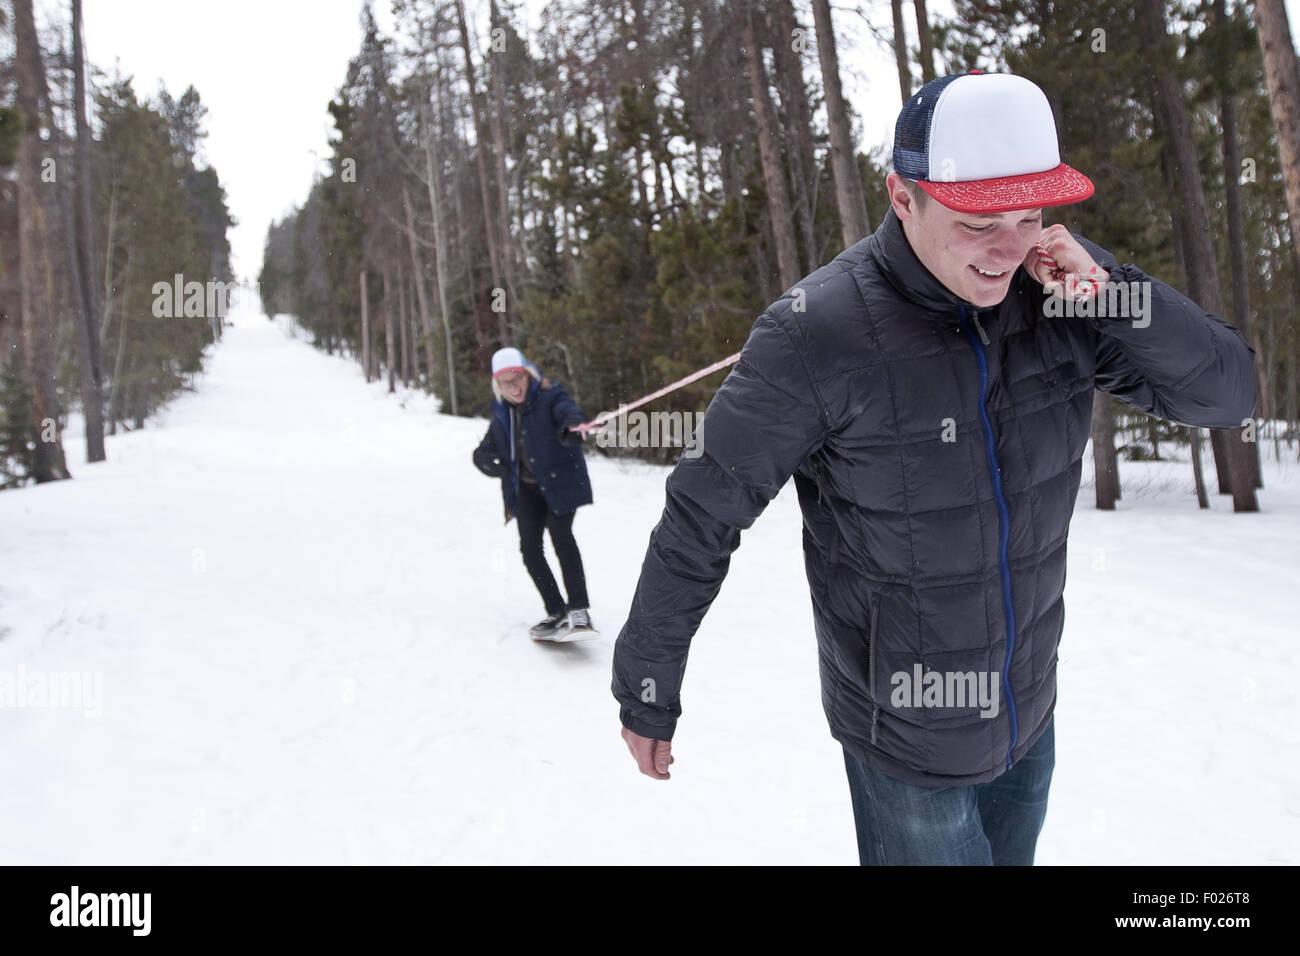 Joven hombre tirando en snowboard con cuerda Imagen De Stock